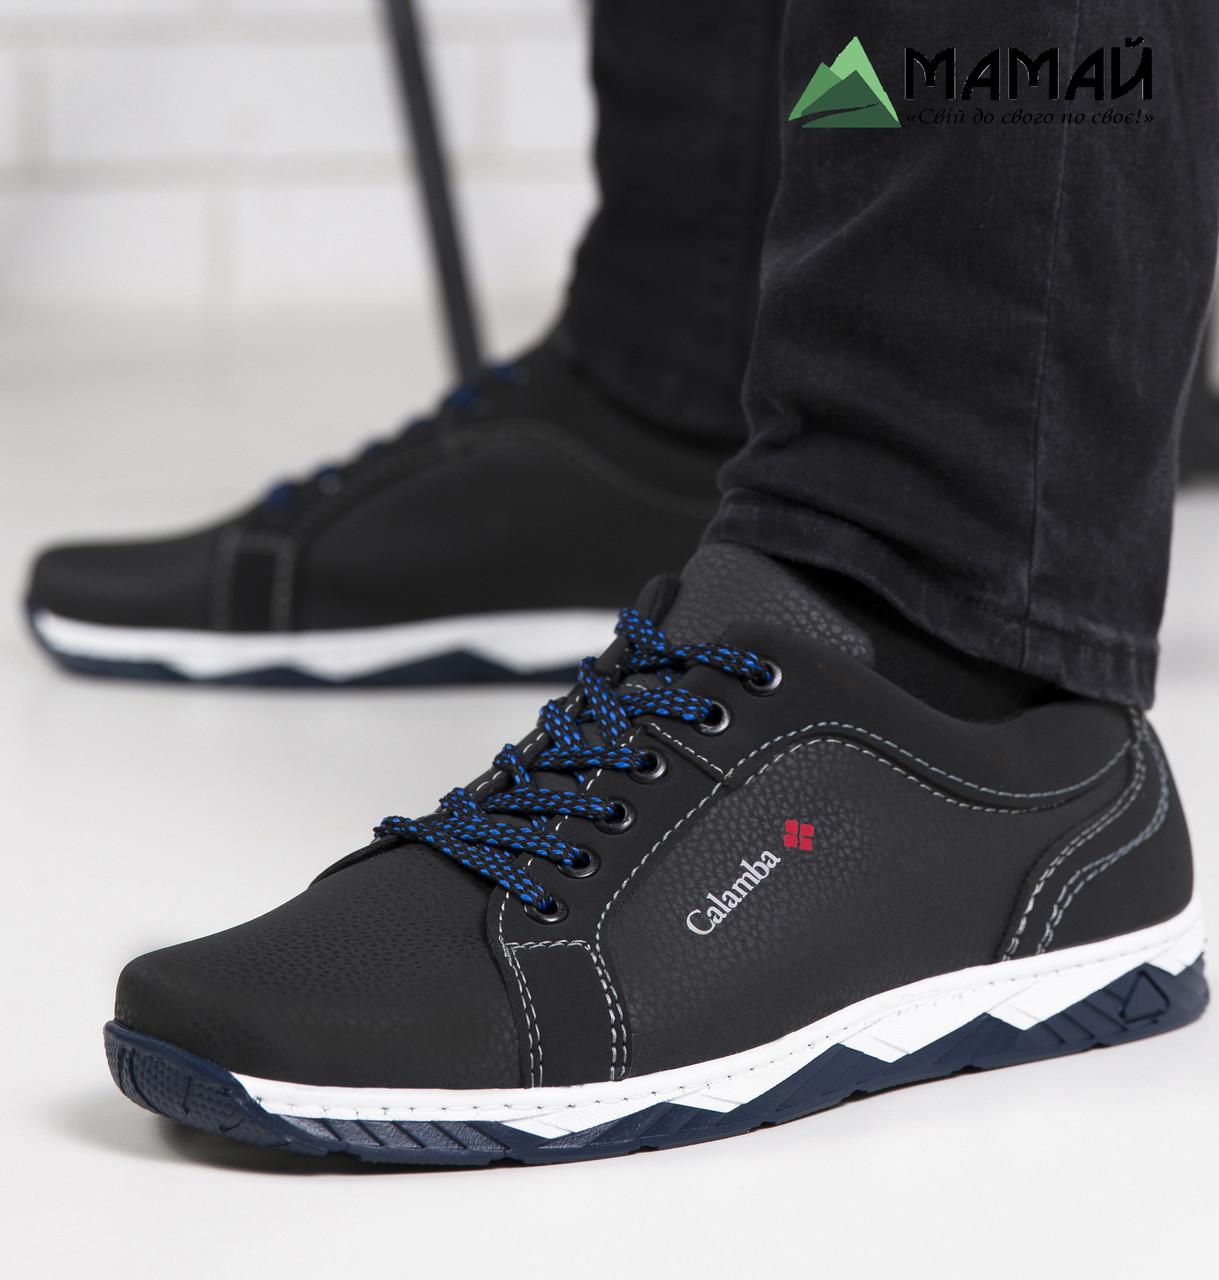 Мужские кроссовки белая подошва 45= 29 см - 29.5 см